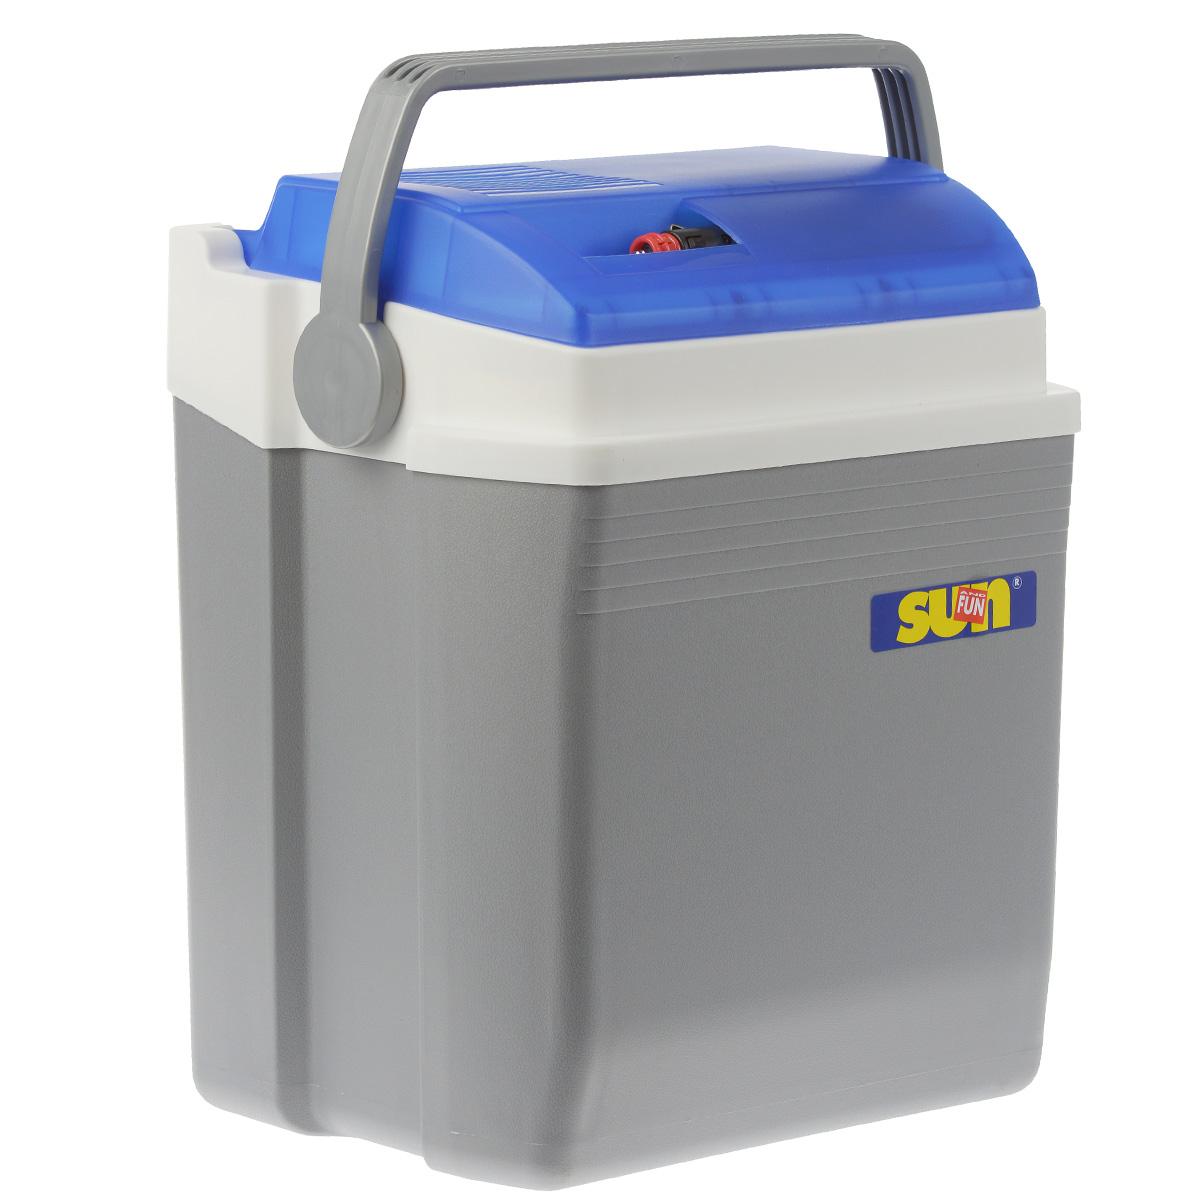 Автомобильный холодильник Ezetil E, цвет: голубой, серый, 21 л10775036Малогабаритный электрический холодильник Ezetil E предназначен дляхранения и транспортировки предварительно охлажденных продуктов инапитков. Контейнер удобно использовать в салоне автомобиля в качествепортативного холодильника. Он легко поместится в любой машине!Особенности автомобильного холодильника Ezetil E: - Выполнен из прочного пластика высокого качества; - Работает от бортовой сети автомобиля 12В или от сети переменного тока220В; - Внутри контейнера имеется вместительный отсек для хранения продуктов инапитков; - Подходит для хранения 1,5-литровых бутылок в вертикальном положении; - Крышка холодильника открывается одной рукой; - Встроенный вентилятор, изоляция из пеноматериала и отсек для храненияшнура питания от сети и штекера прикуривателя (12В) вмонтирован в крышку;- Дополнительный внутренний вентилятор в холодильной камере обеспечиваетбыстрое и равномерное охлаждение; - Мощная, не нуждающаяся в техобслуживании охлаждающая система Peltierгарантирует оптимальную производительность по холоду; - Работает под любым углом наклона; - Действенная изоляция с наполнителем из пеноматериала поддерживает вхолодном состоянии пищу и напитки в течение длительного времени, в томчисле и без подачи электроэнергии; - Специальная уплотнительная резинка в крышке уменьшает образованиеконденсата в холодильной камере; - Для удобной переноски автомобильный холодильник снабжен надежнойпластиковой ручкой.Такой компактный и вместительный холодильник послужит отличнымаксессуаром для вашего автомобиля! Материал: пластик, металл, пеноматериал. Напряжение: 12B, 220В.